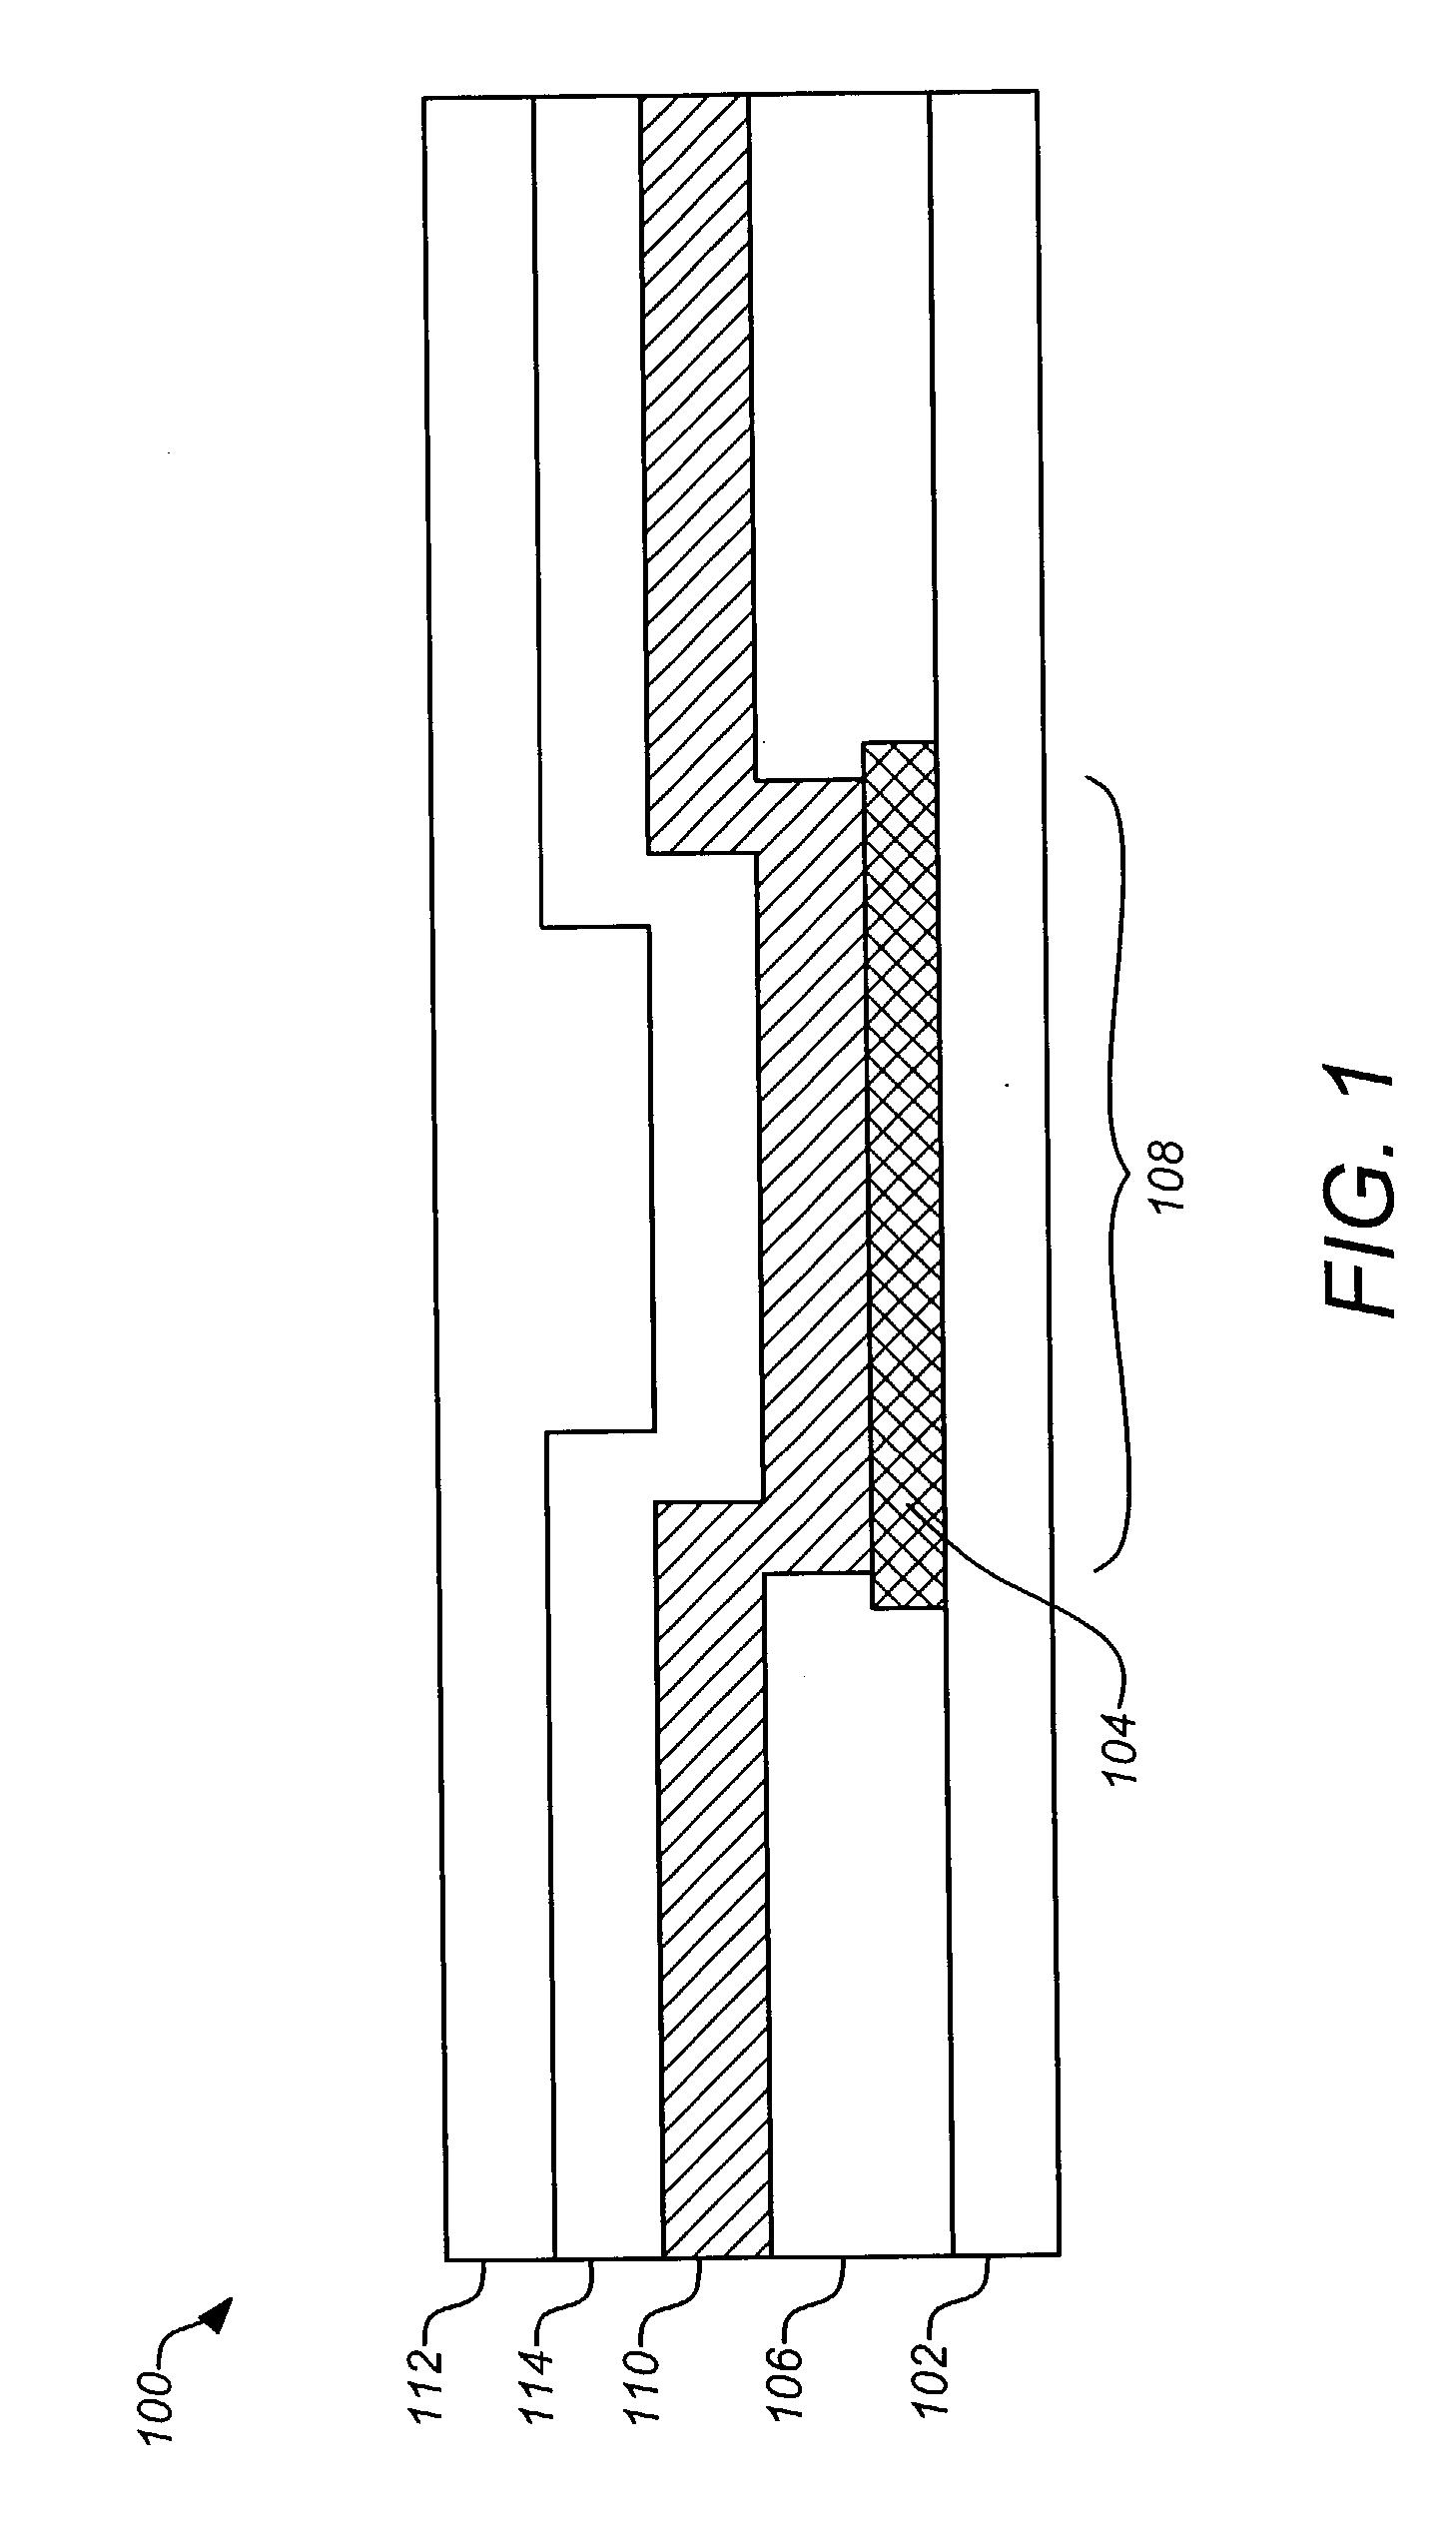 Patent US20040074785